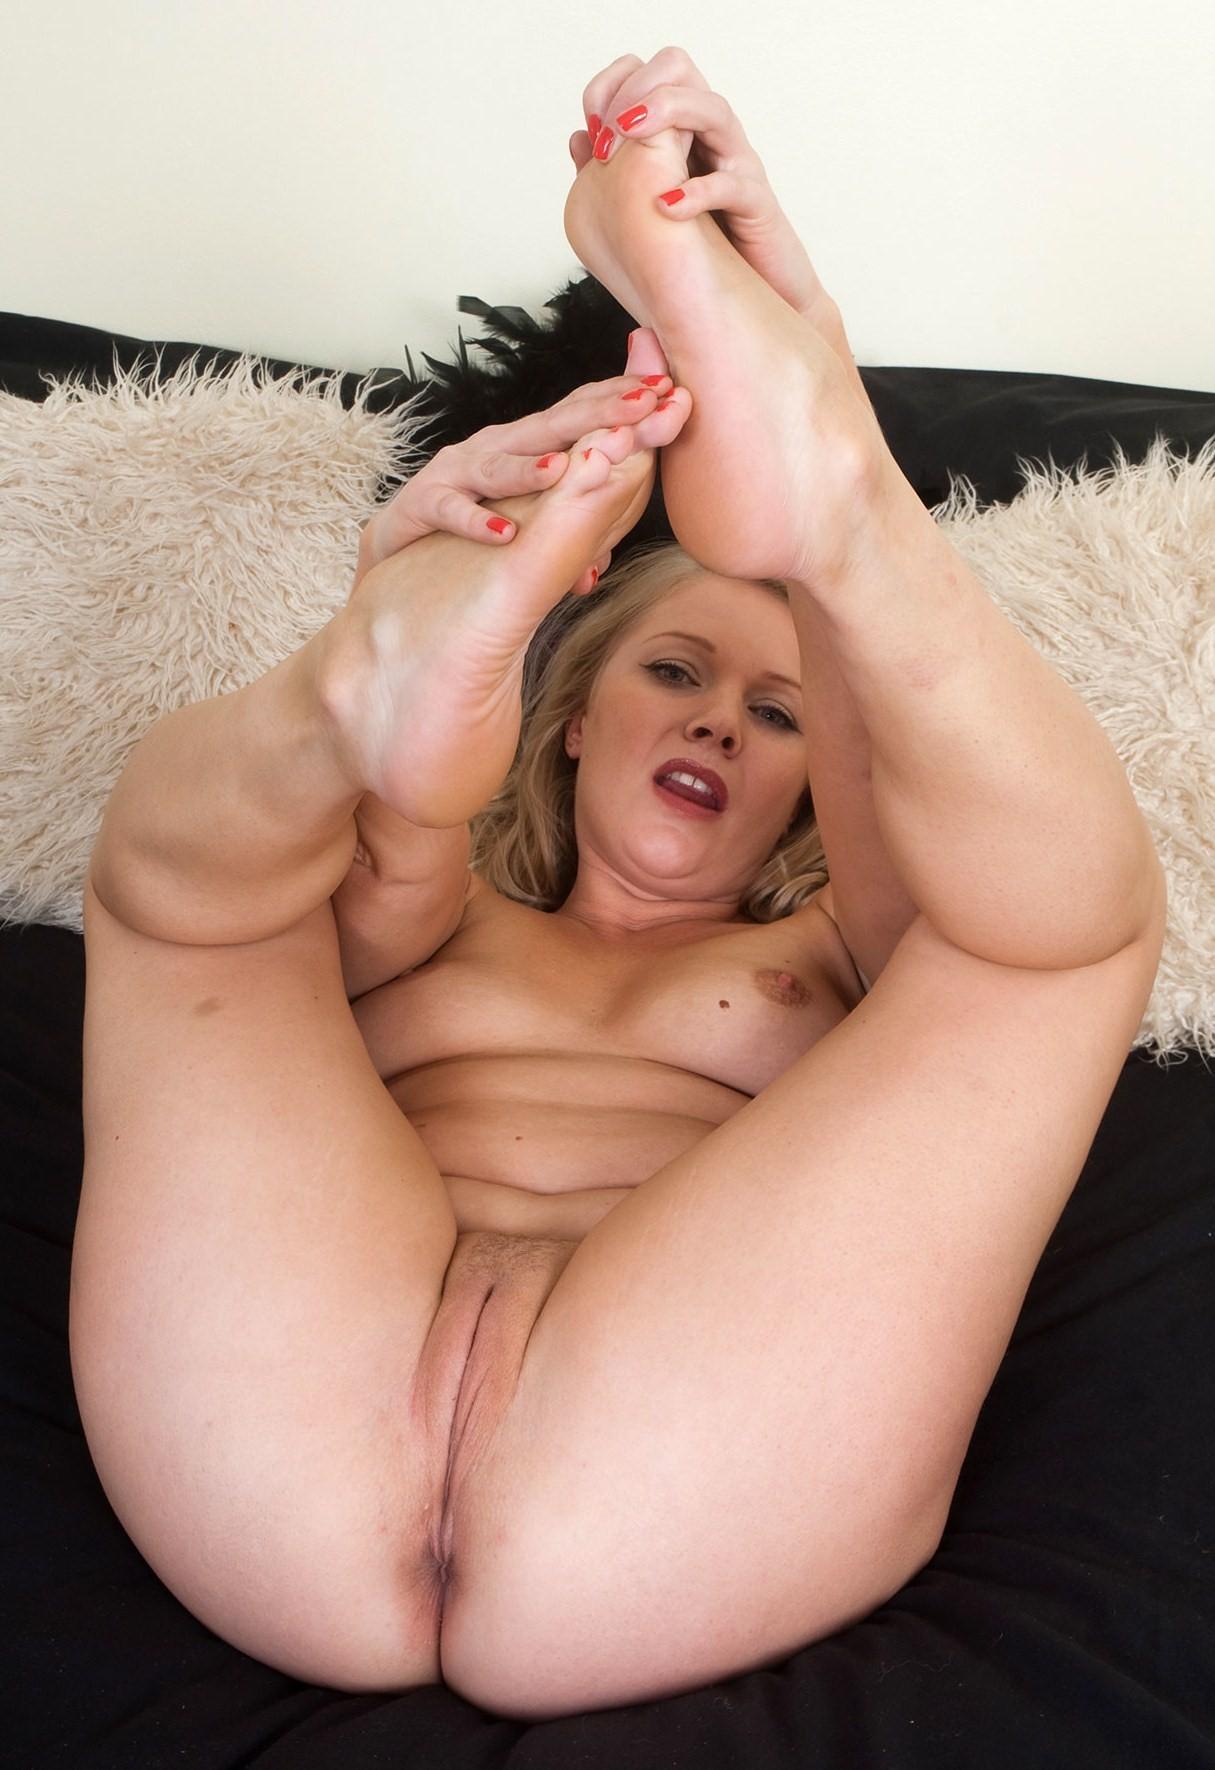 Задрав ножки, гибкие телки показывают дырочки - компиляция 18